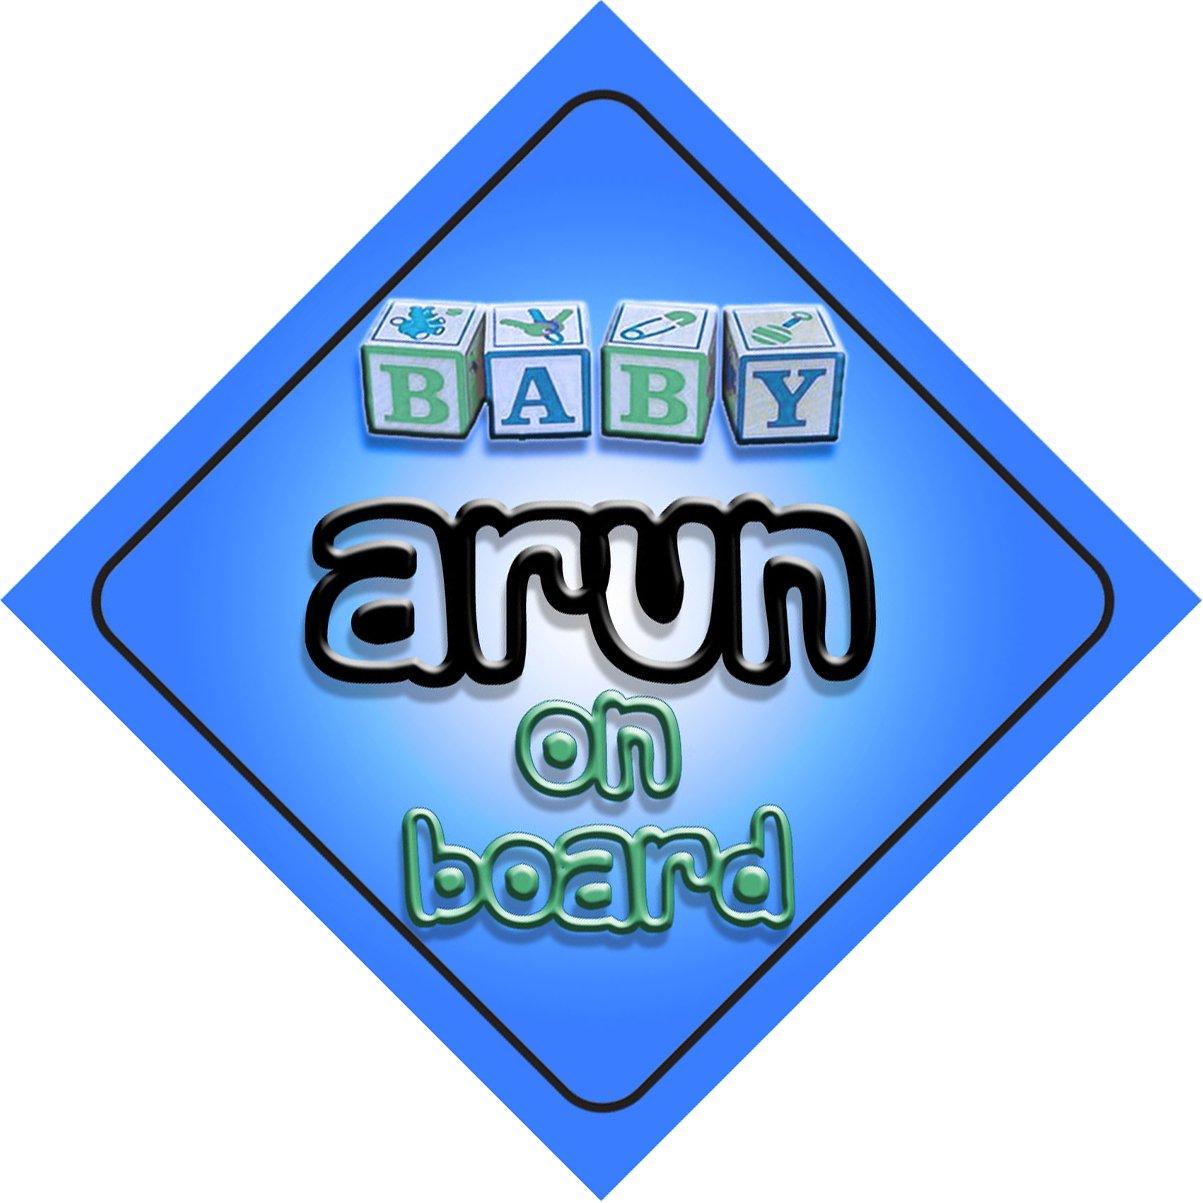 Bébé Garçon Arun on Board fantaisie Panneau de voiture Cadeau/cadeau pour nouveau/enfant nouveau-né